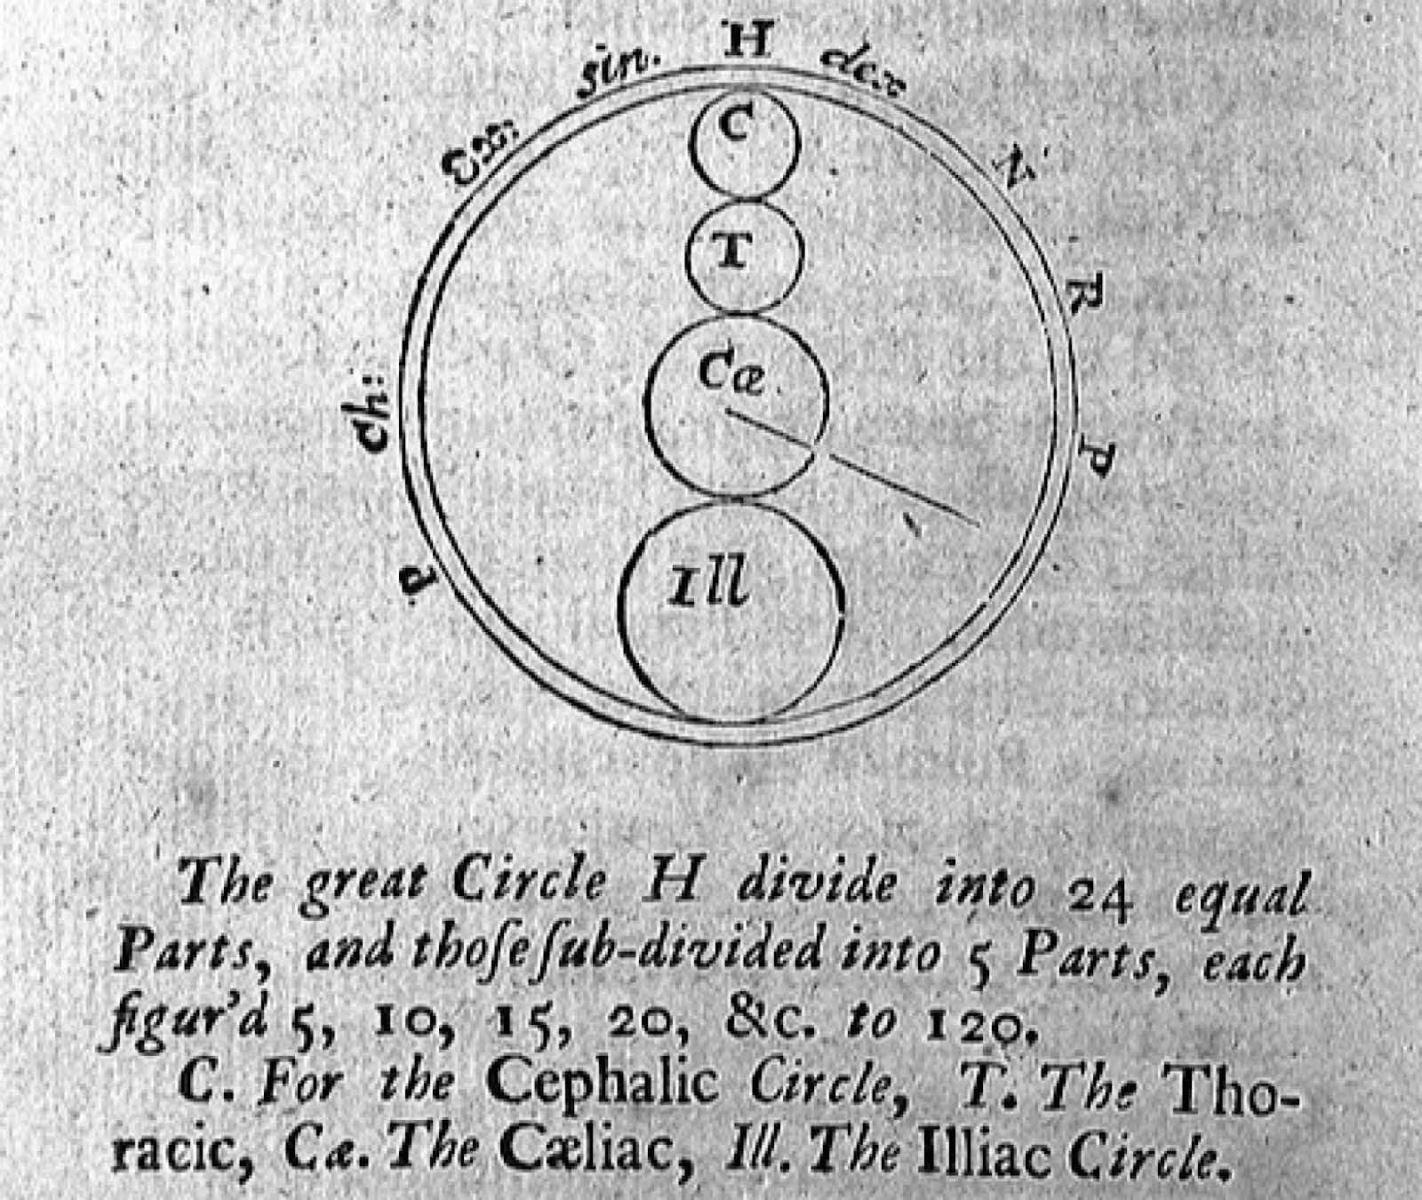 Thiết kế ban đầu của Floyer về chiếc đồng hồ đo nhịp tim của mình. Nguồn: The physician's pulse watch by John Floyer